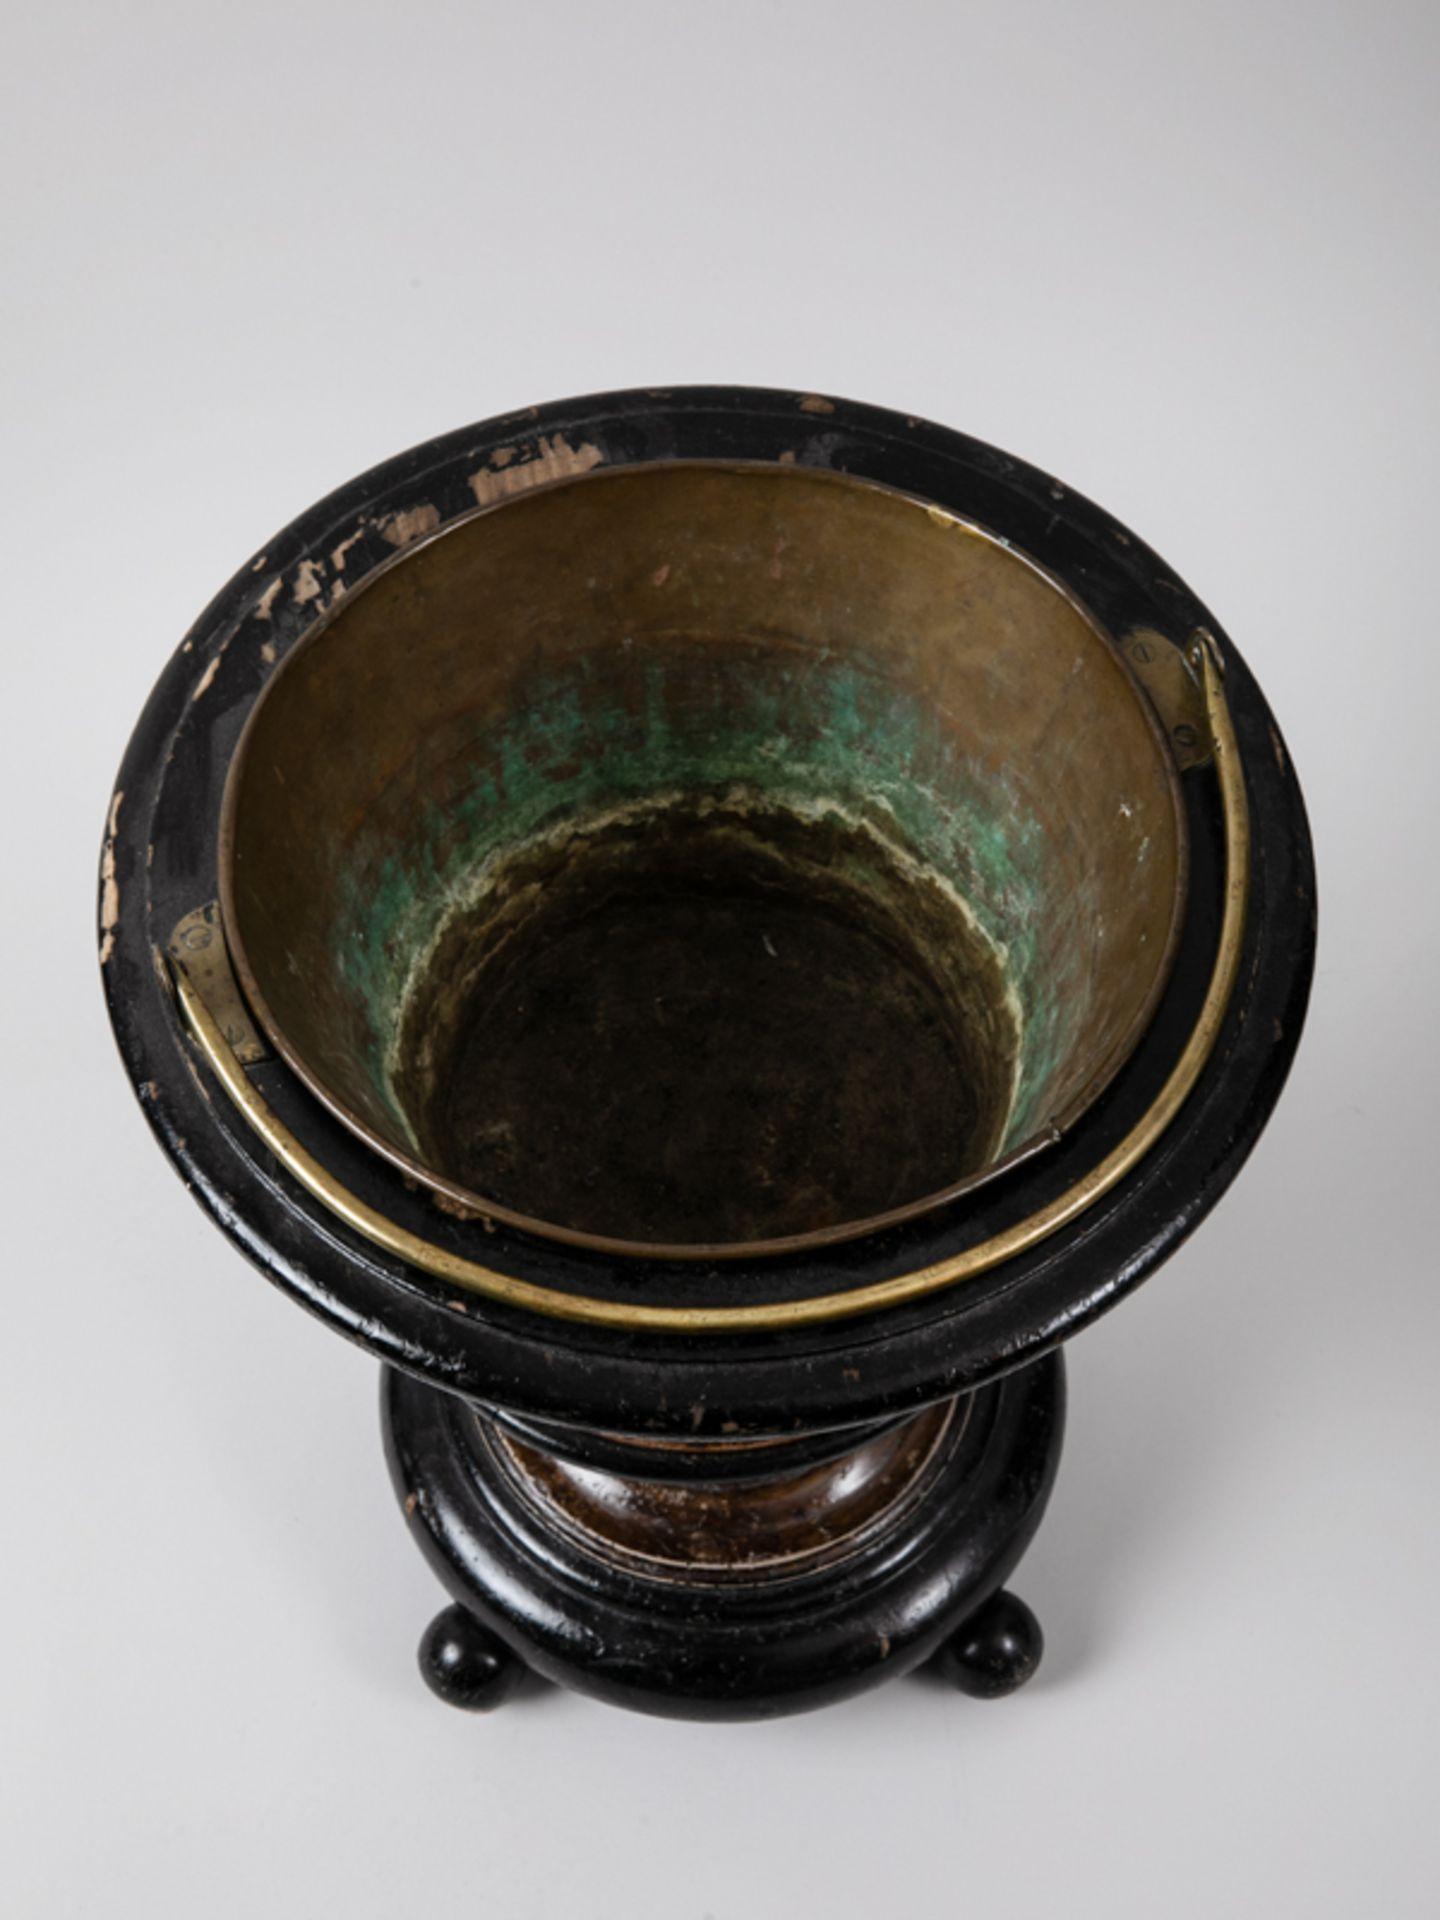 Weinkühler, England, Mitte 19. Jh. Mahagoni und andere Hölzer, teils (später) ebonisiert, mi - Bild 3 aus 3